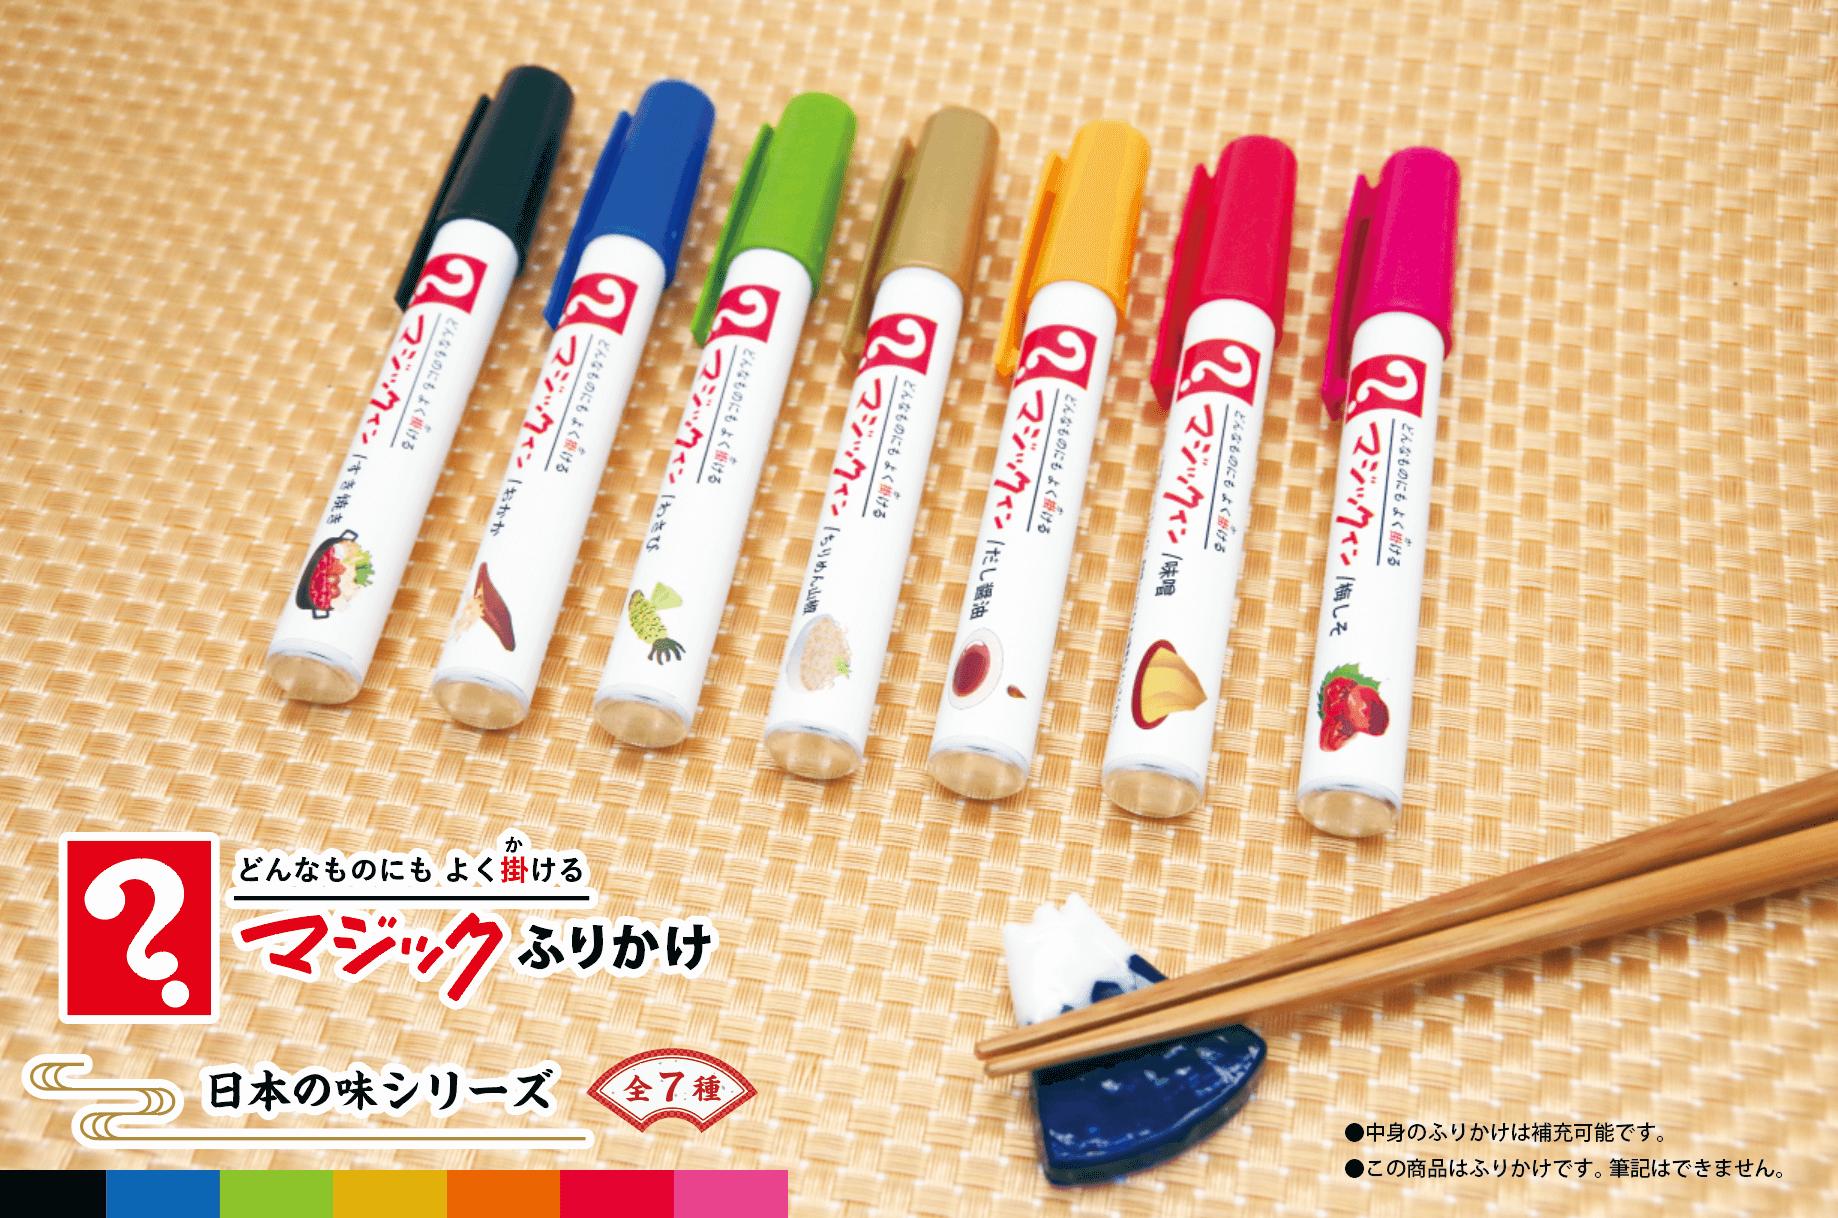 由魔術變成拌飯素?!筆類型的拌飯素「日本的味道系列」發售 伴手禮、日本料理、